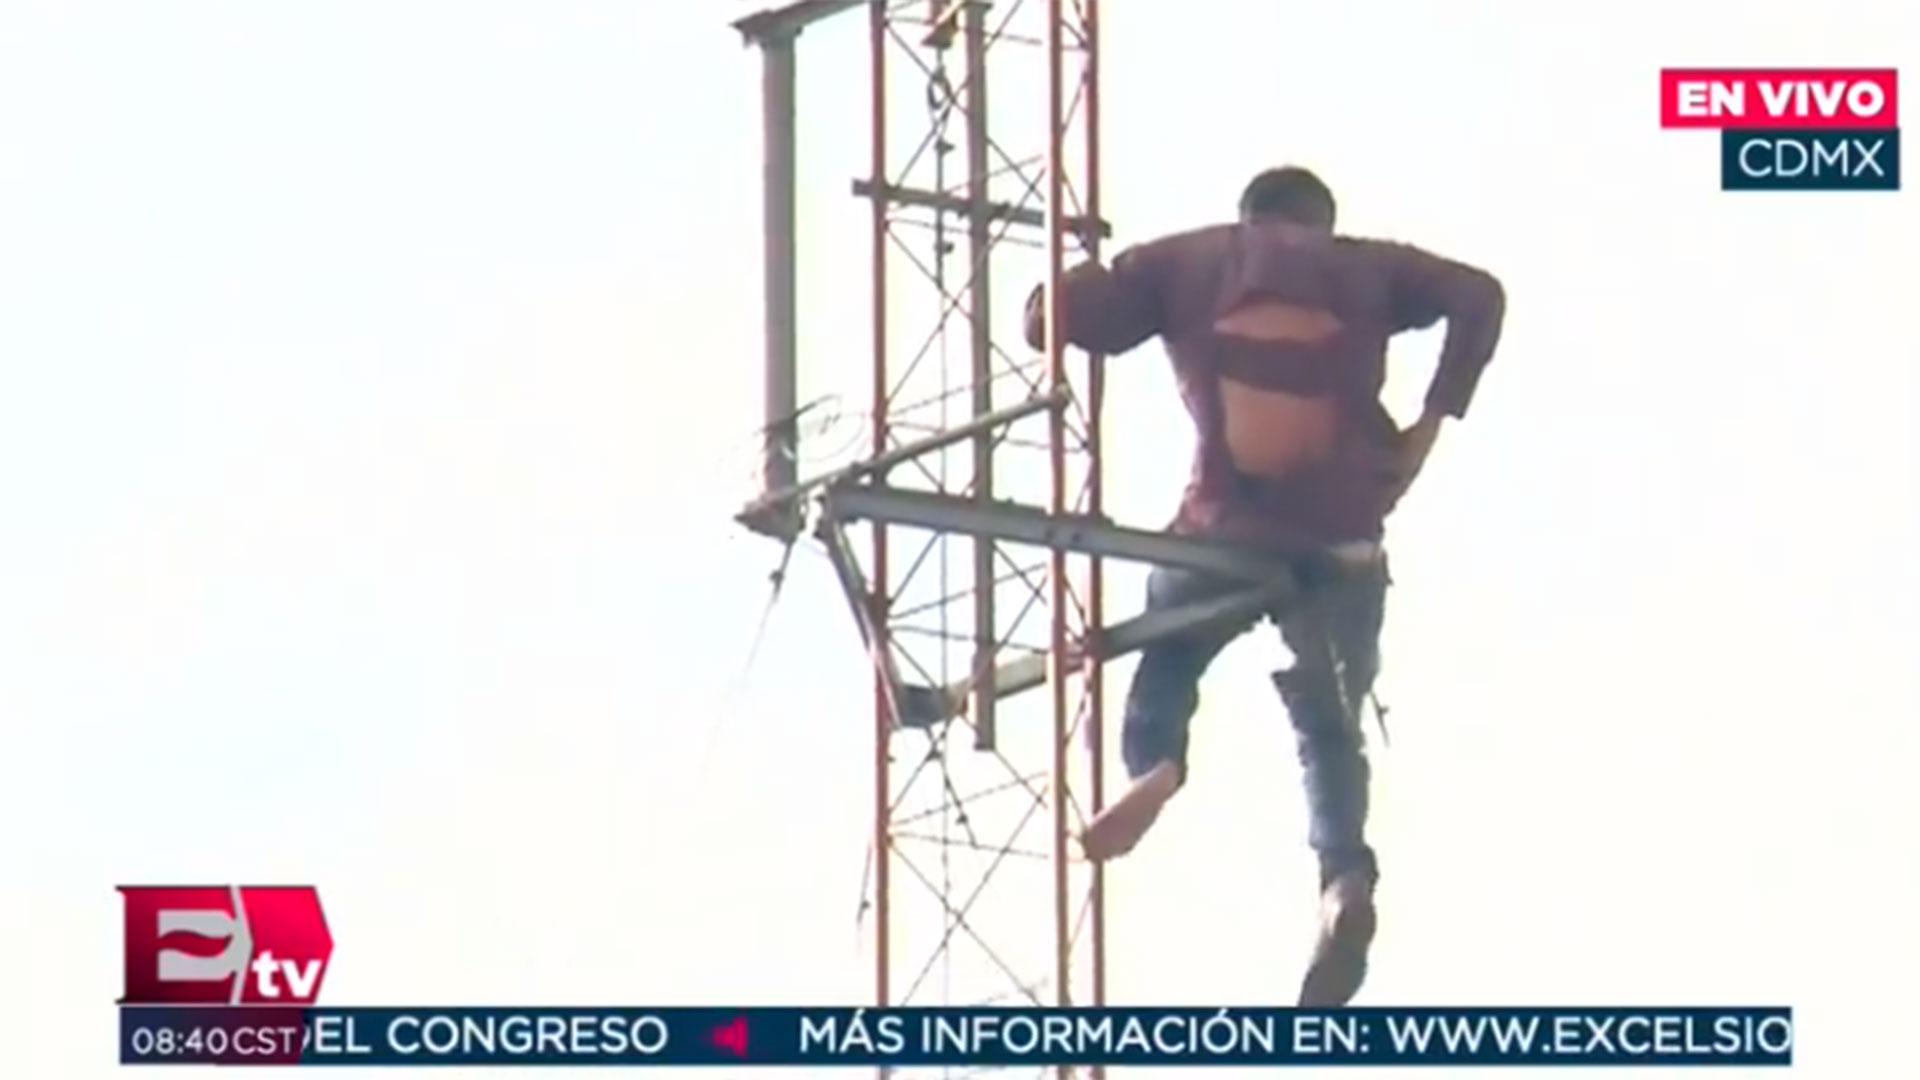 Se subió a lo más alto de una antena de telecomunicaciones